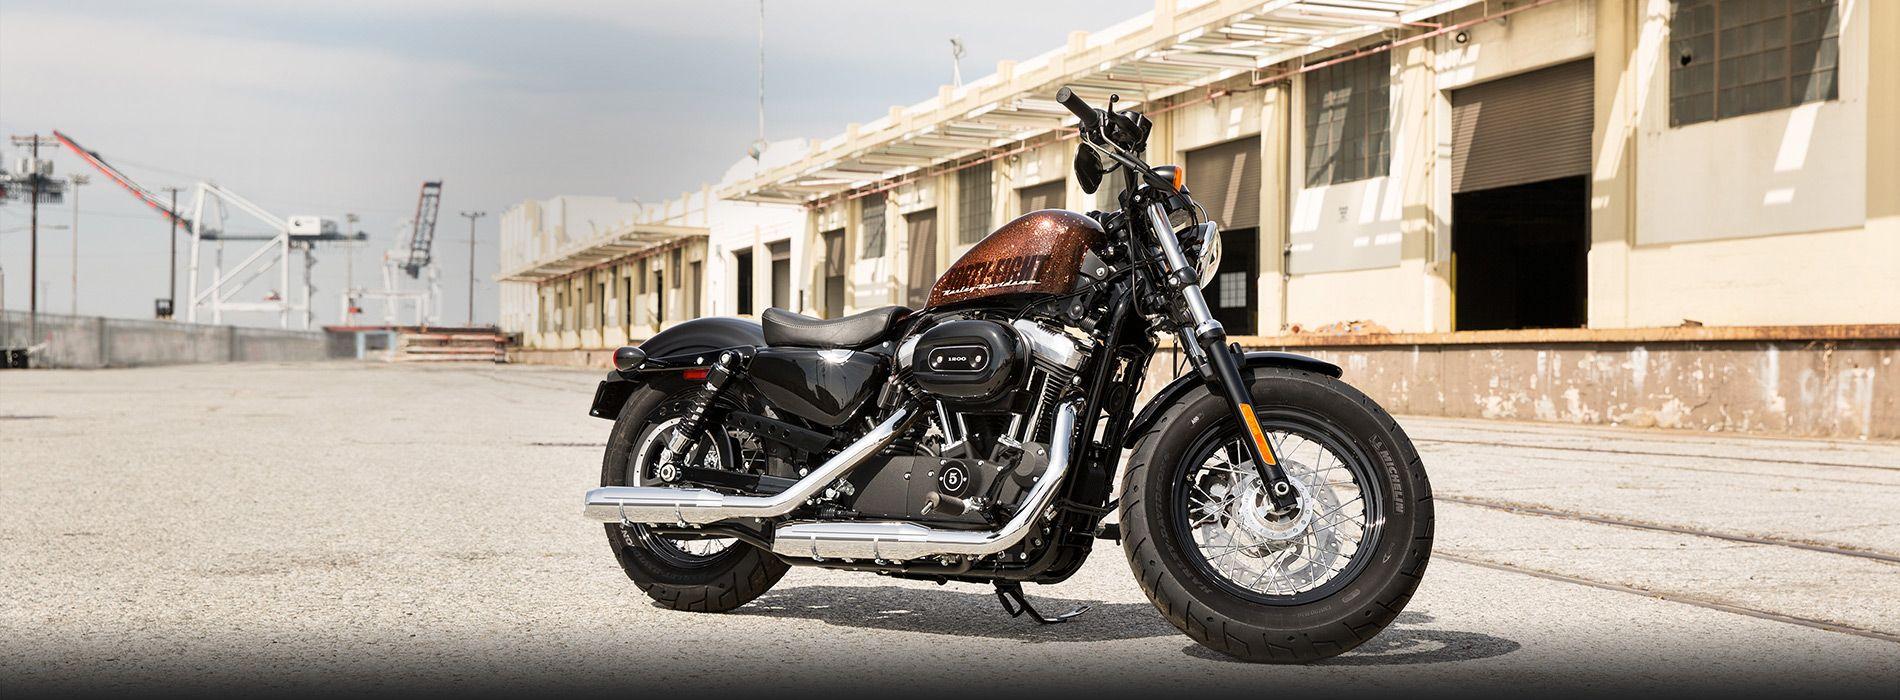 2014 Sportster Forty-Eight 2014   Réservoir Peanut pailleté   Harley-Davidson Canada